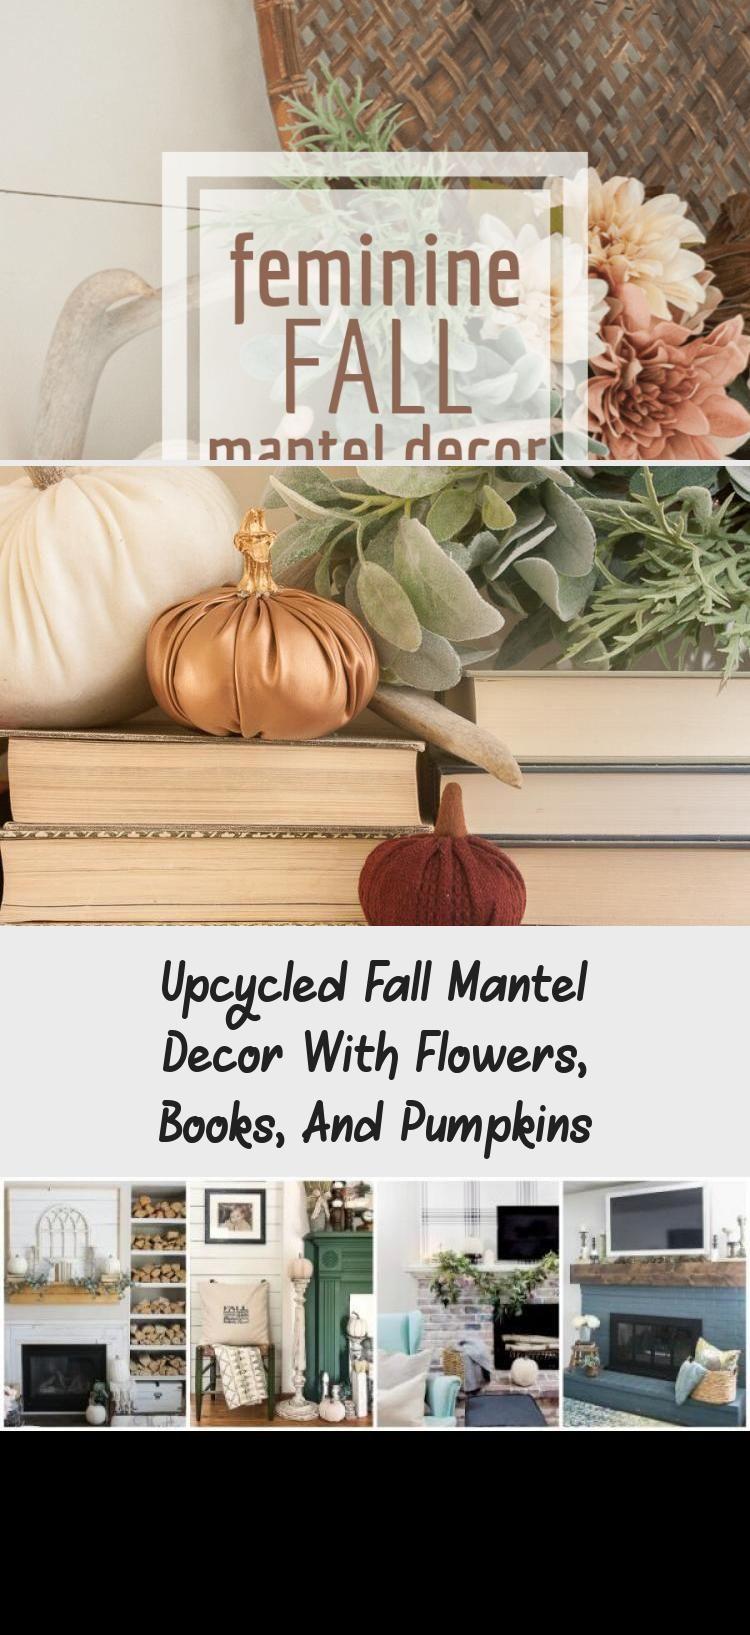 Winter Gartendeko Neu Fall Mantel Decor with Flowers Pumpkins and Books